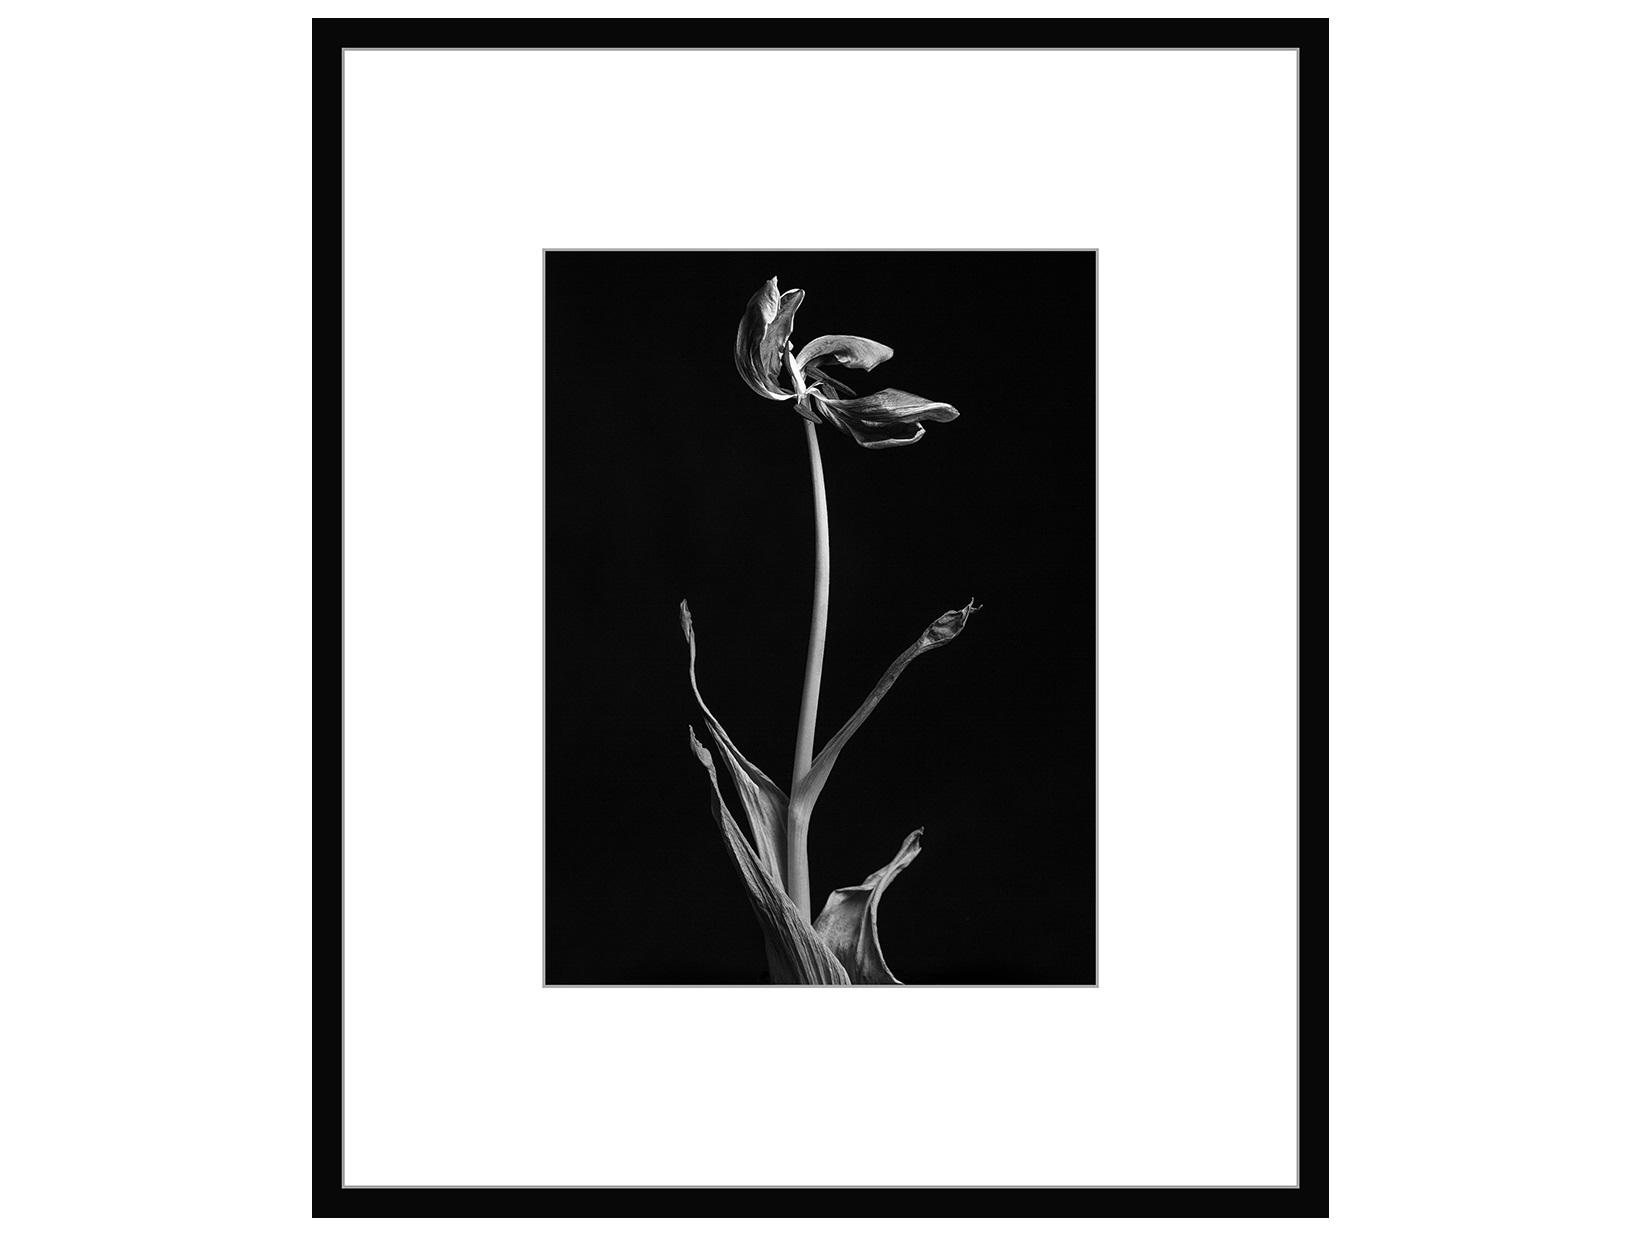 Авторская арт-фотография Dead Tulip #2Постеры<br>Авторская фотография для интерьера, оформленная с галерейным качеством, в раме, с паспарту, под стеклом. Лимитированная серия, 100 авторских отпечатков.Срок поставки — 3-5 рабочих дней с момента оформления заказа.